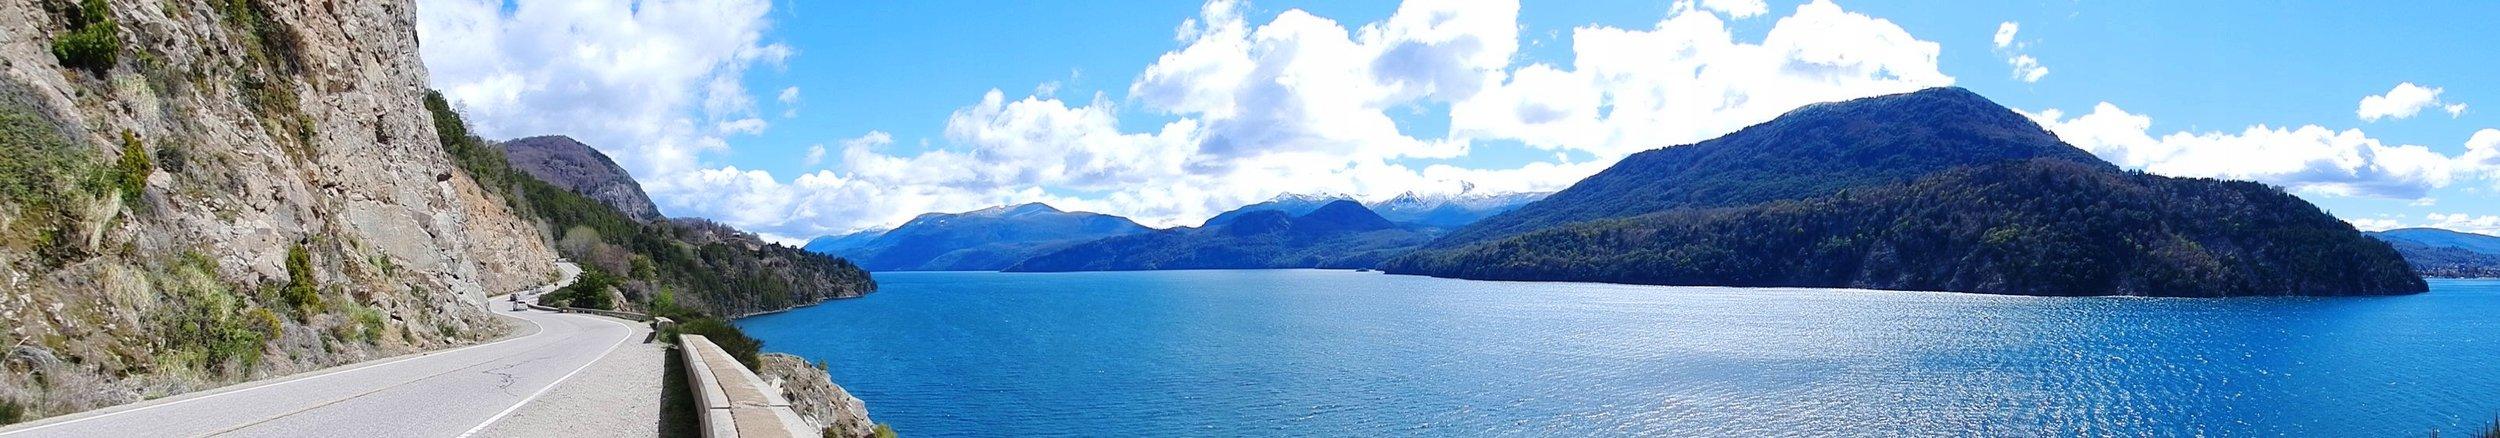 2012 - Lakeside road, San Martin de Los Andes, Argentina